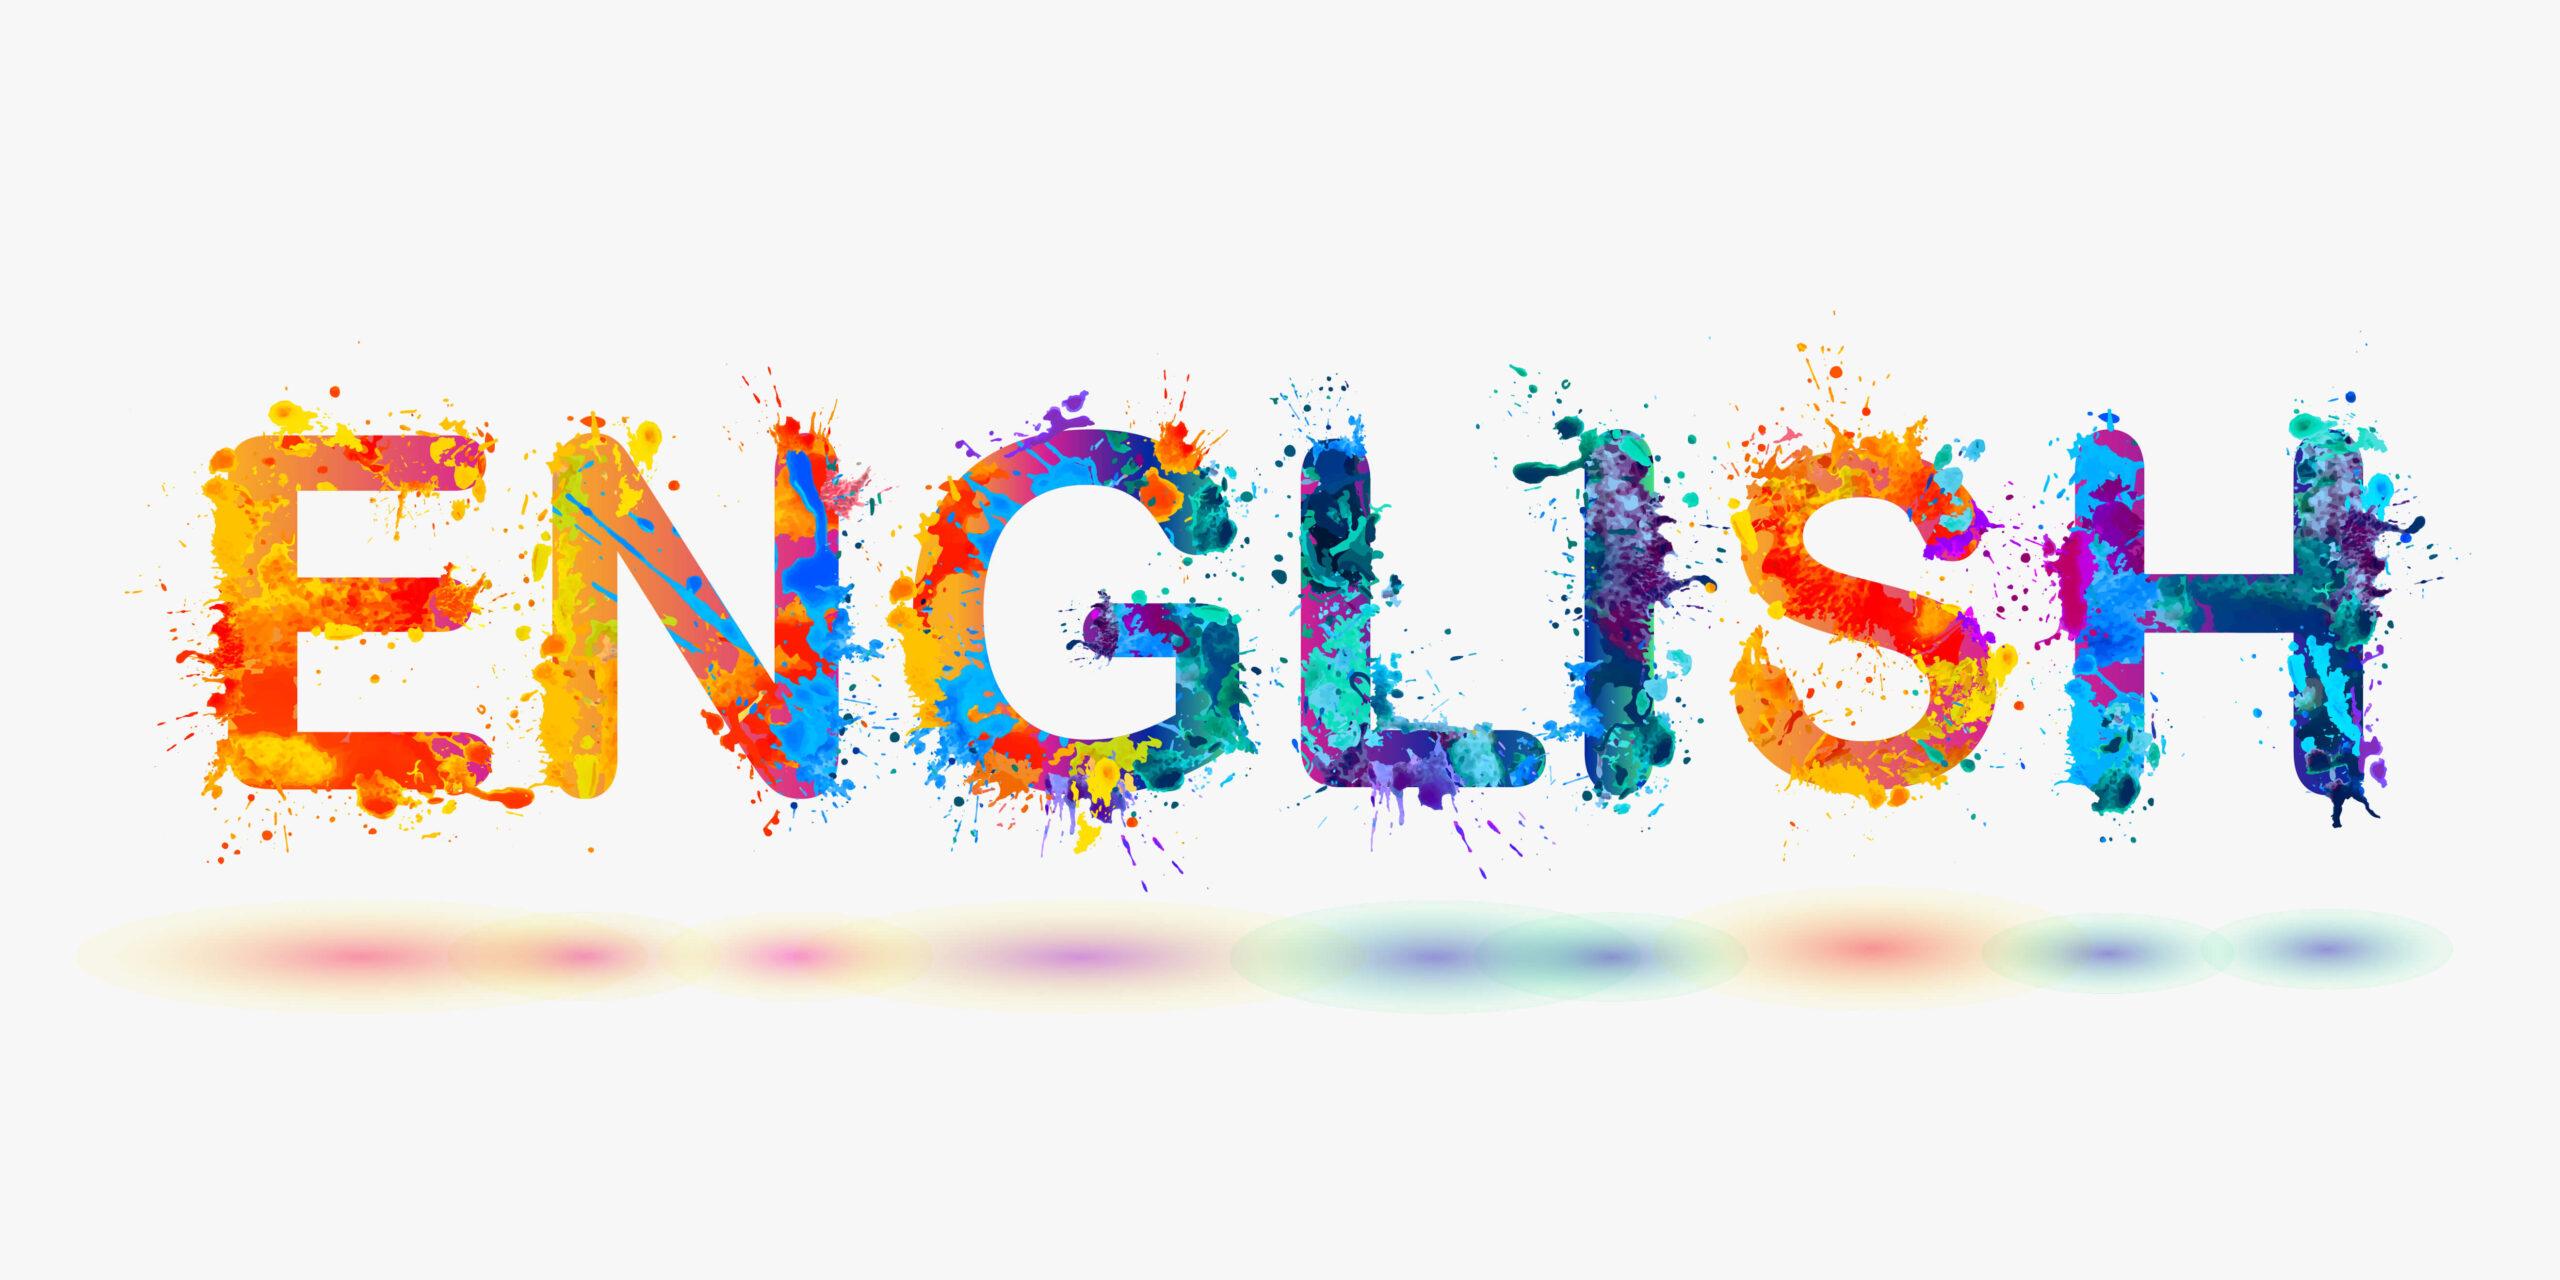 افضل 10 تطبيقات لتعلم اللغة الانجليزية مجانا